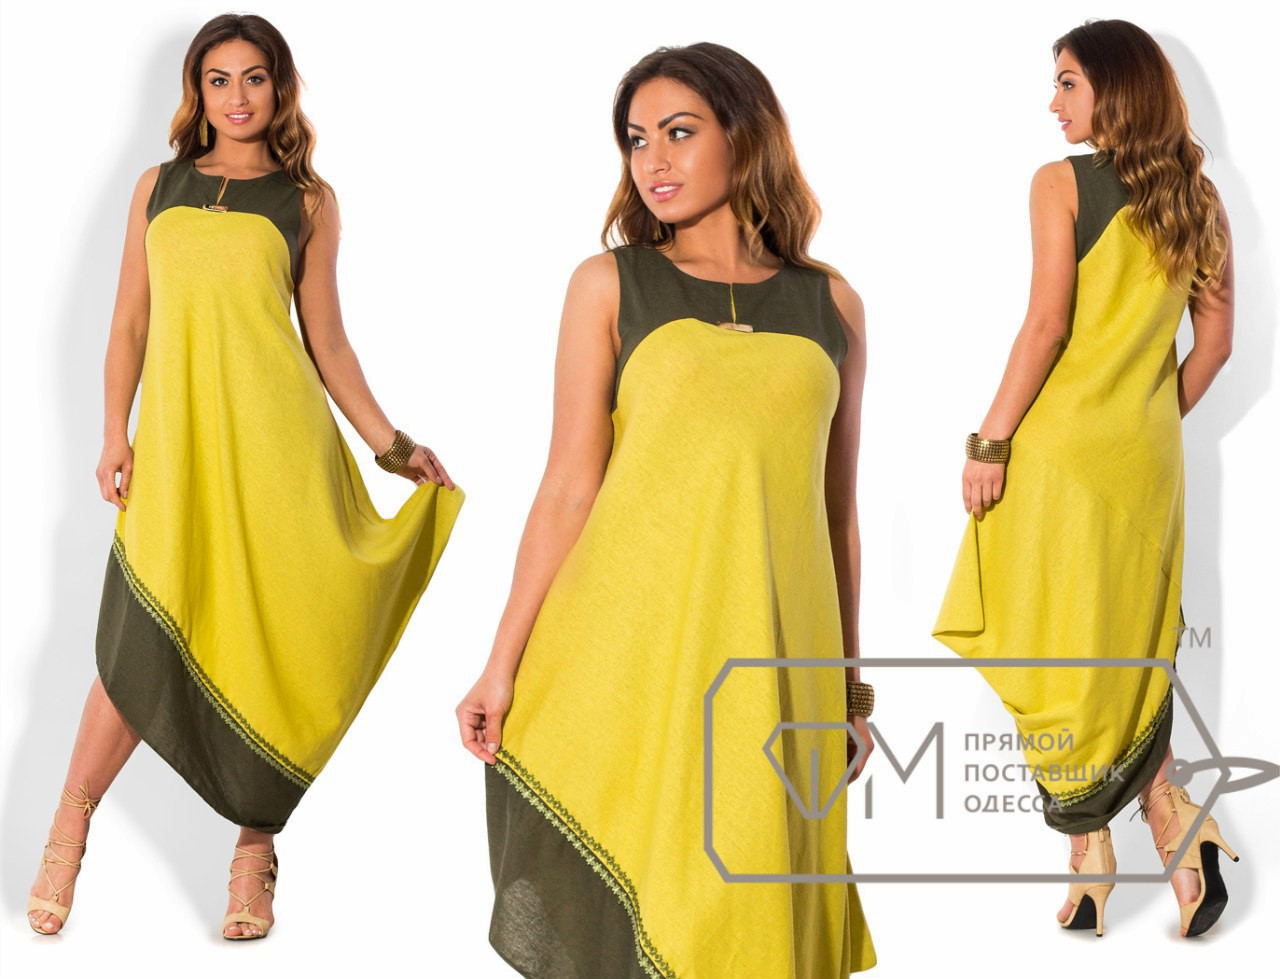 Сбор заказов. Летняя коллекция от Фабрики Моды. Женская одежда от 42 до 56 размера на любой сезон и случай - 6 выкуп